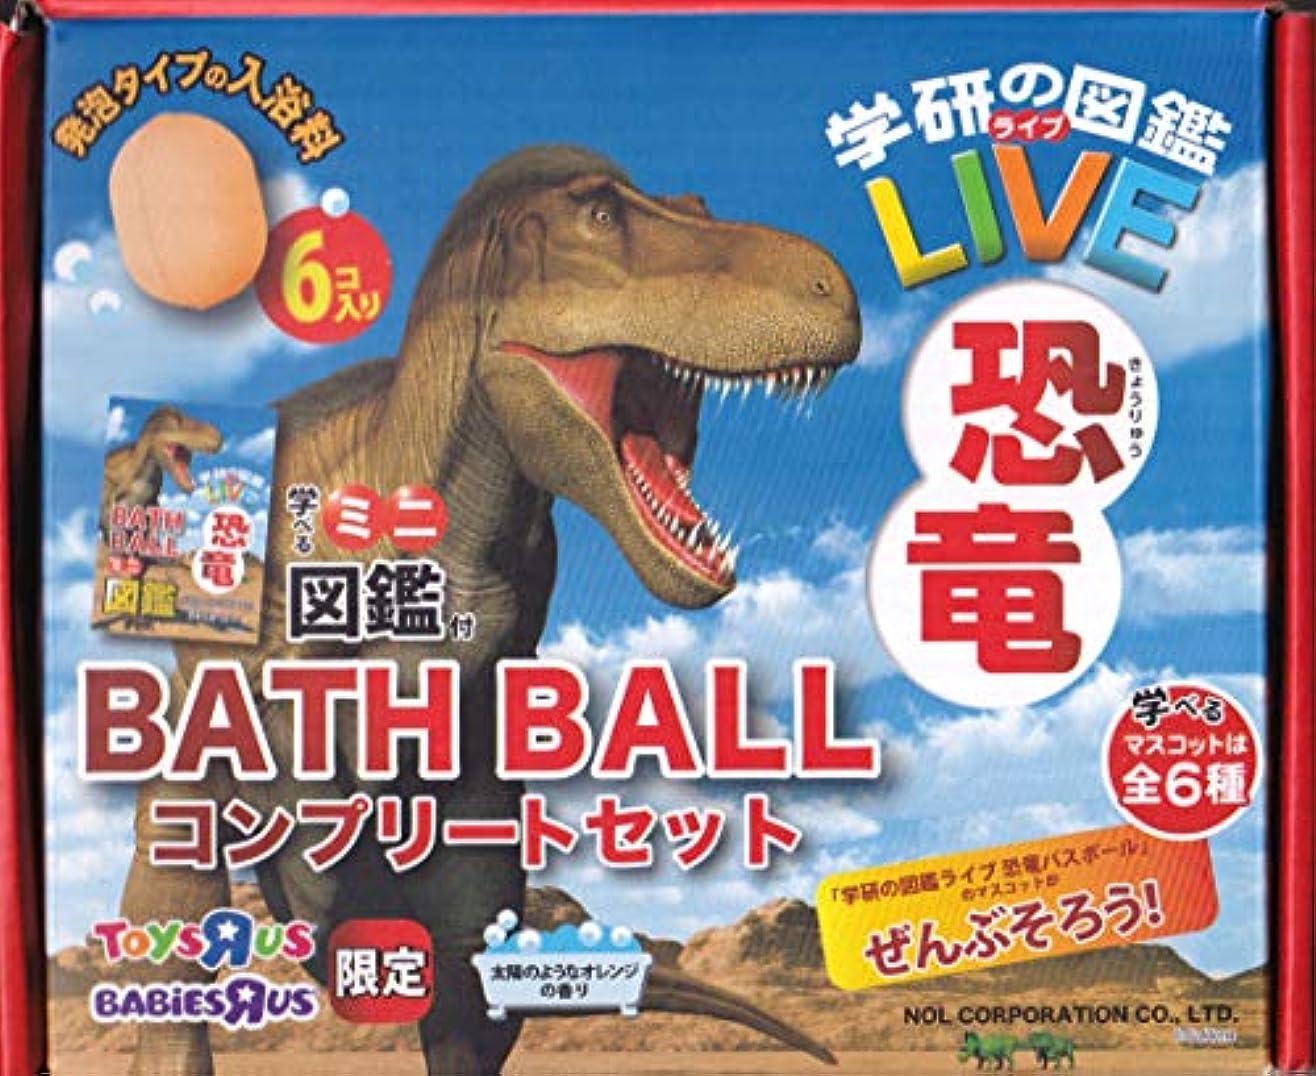 誇張セール軽量【トイザらス限定】学研の図鑑LIVE 入浴剤 恐竜 バスボール コンプリートセット (全6種そろいます)